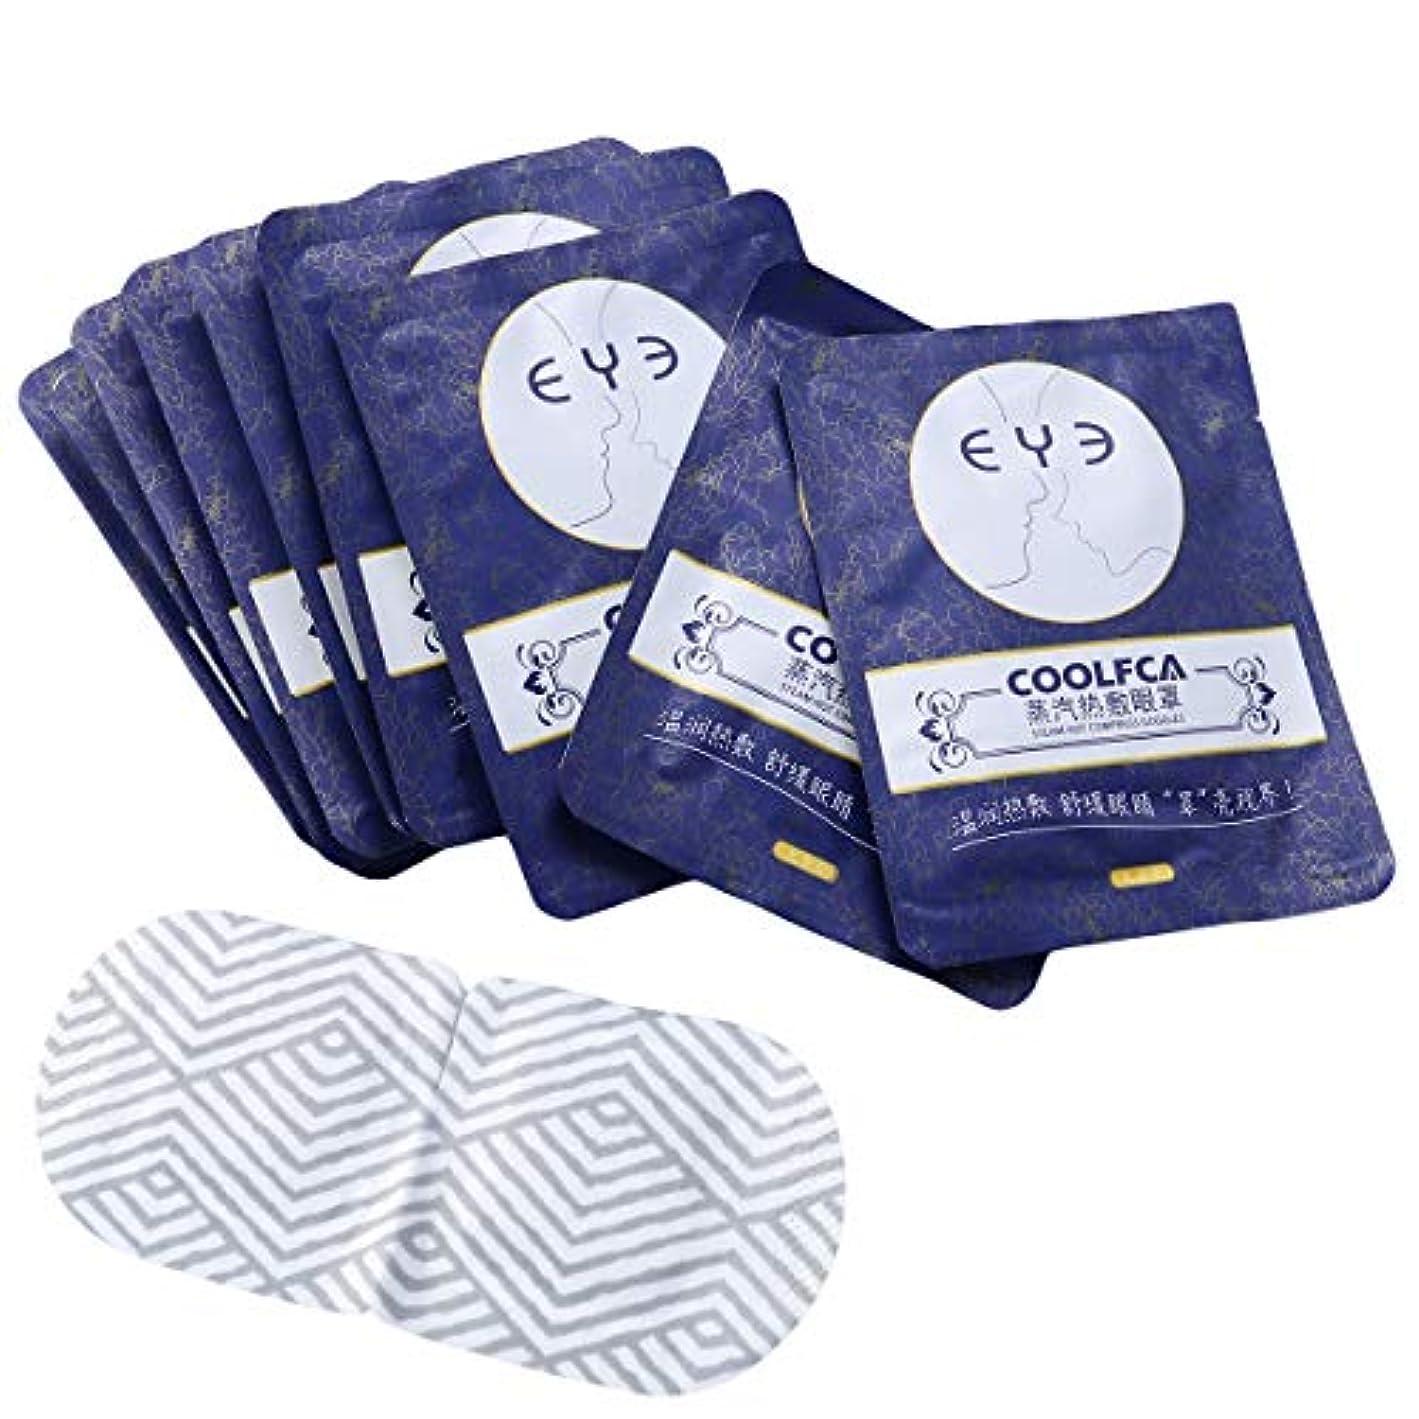 可聴常識バイソンHEALIFTY アイセラピーマスク10ピーススチーム暖かいアイマスクパッチホットスージング使い捨てパッド用アイケアスパ無香料